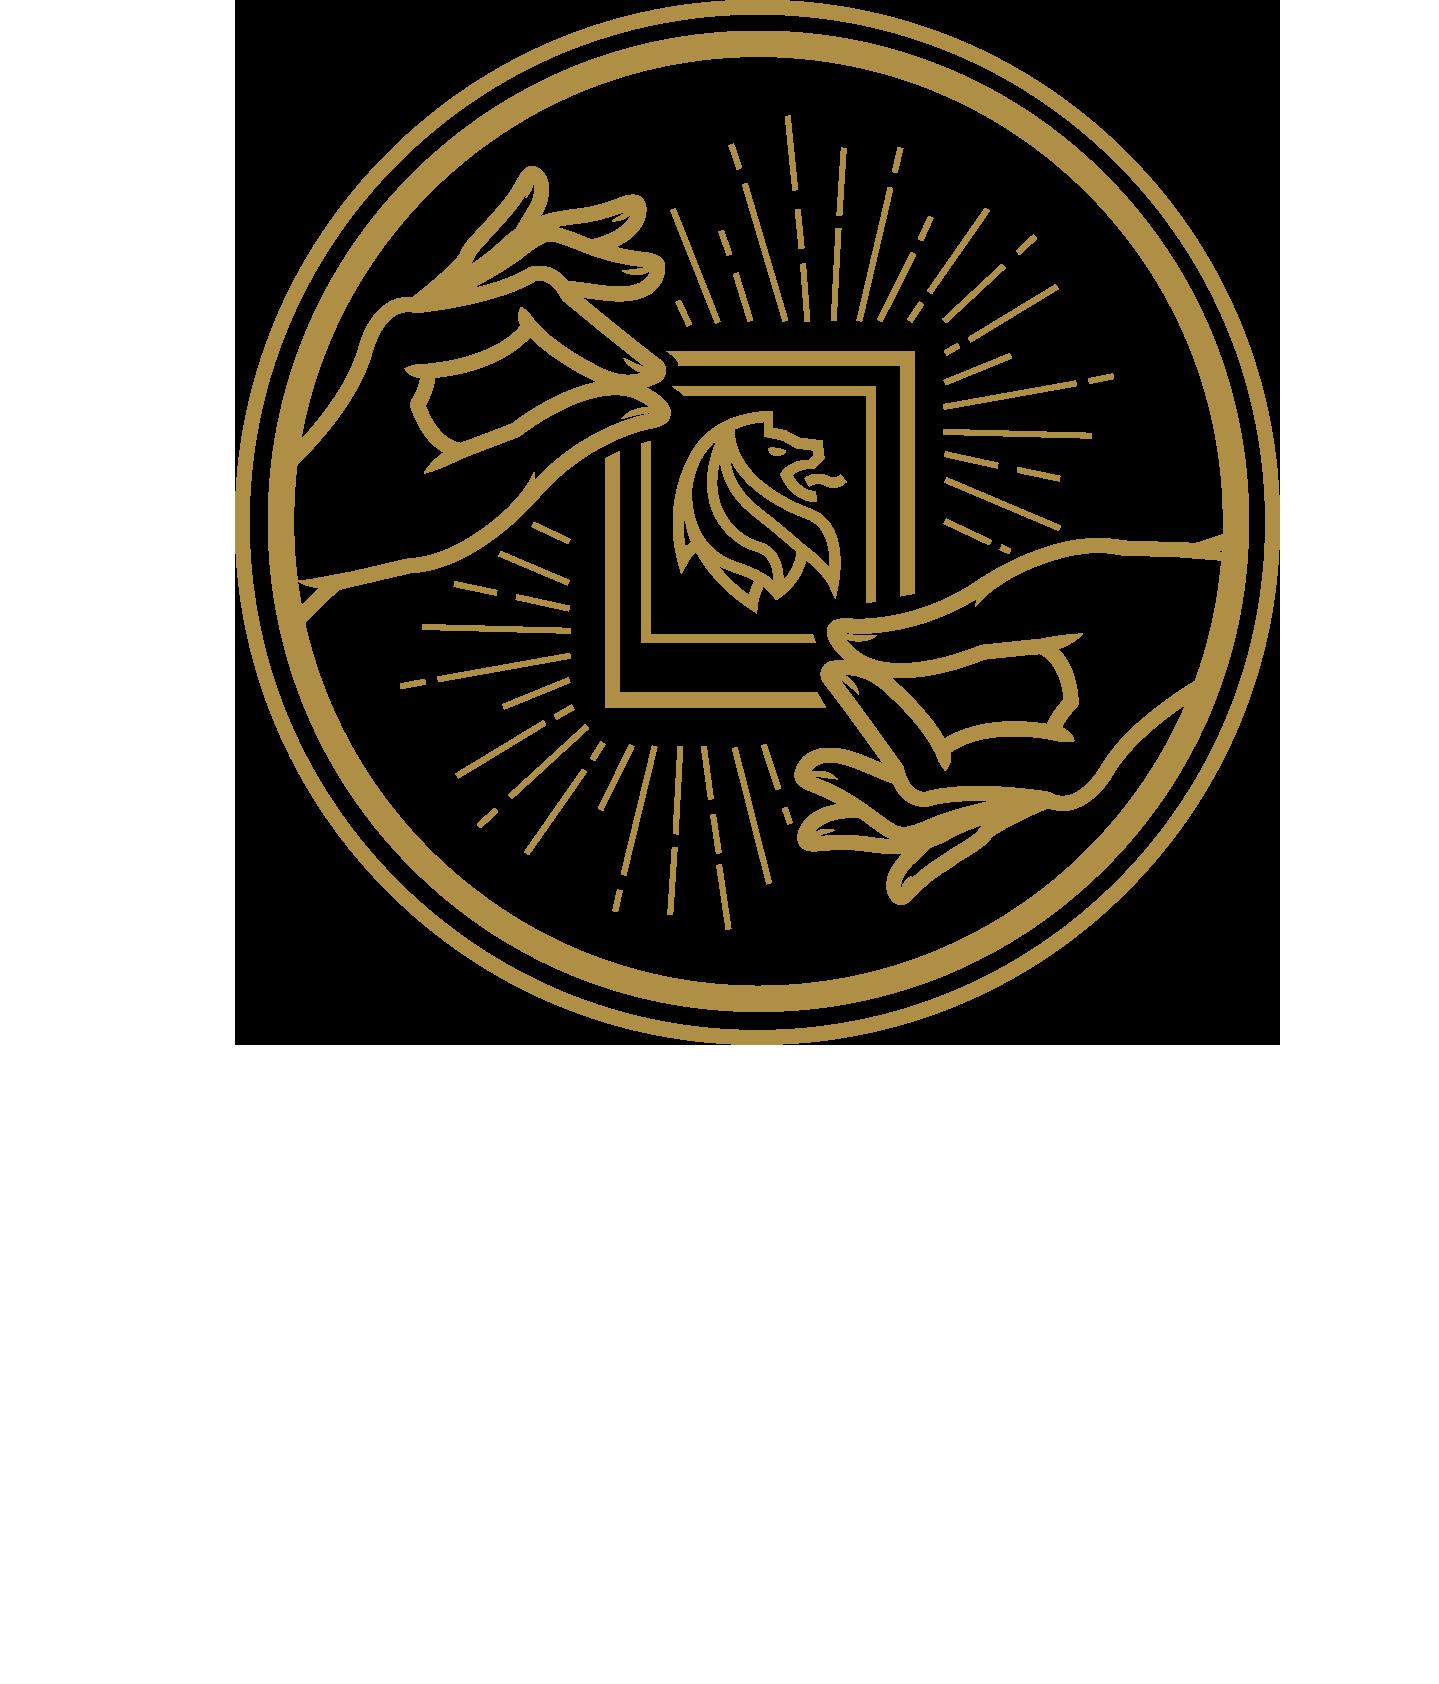 la union logo 1 1516365613  fotografo